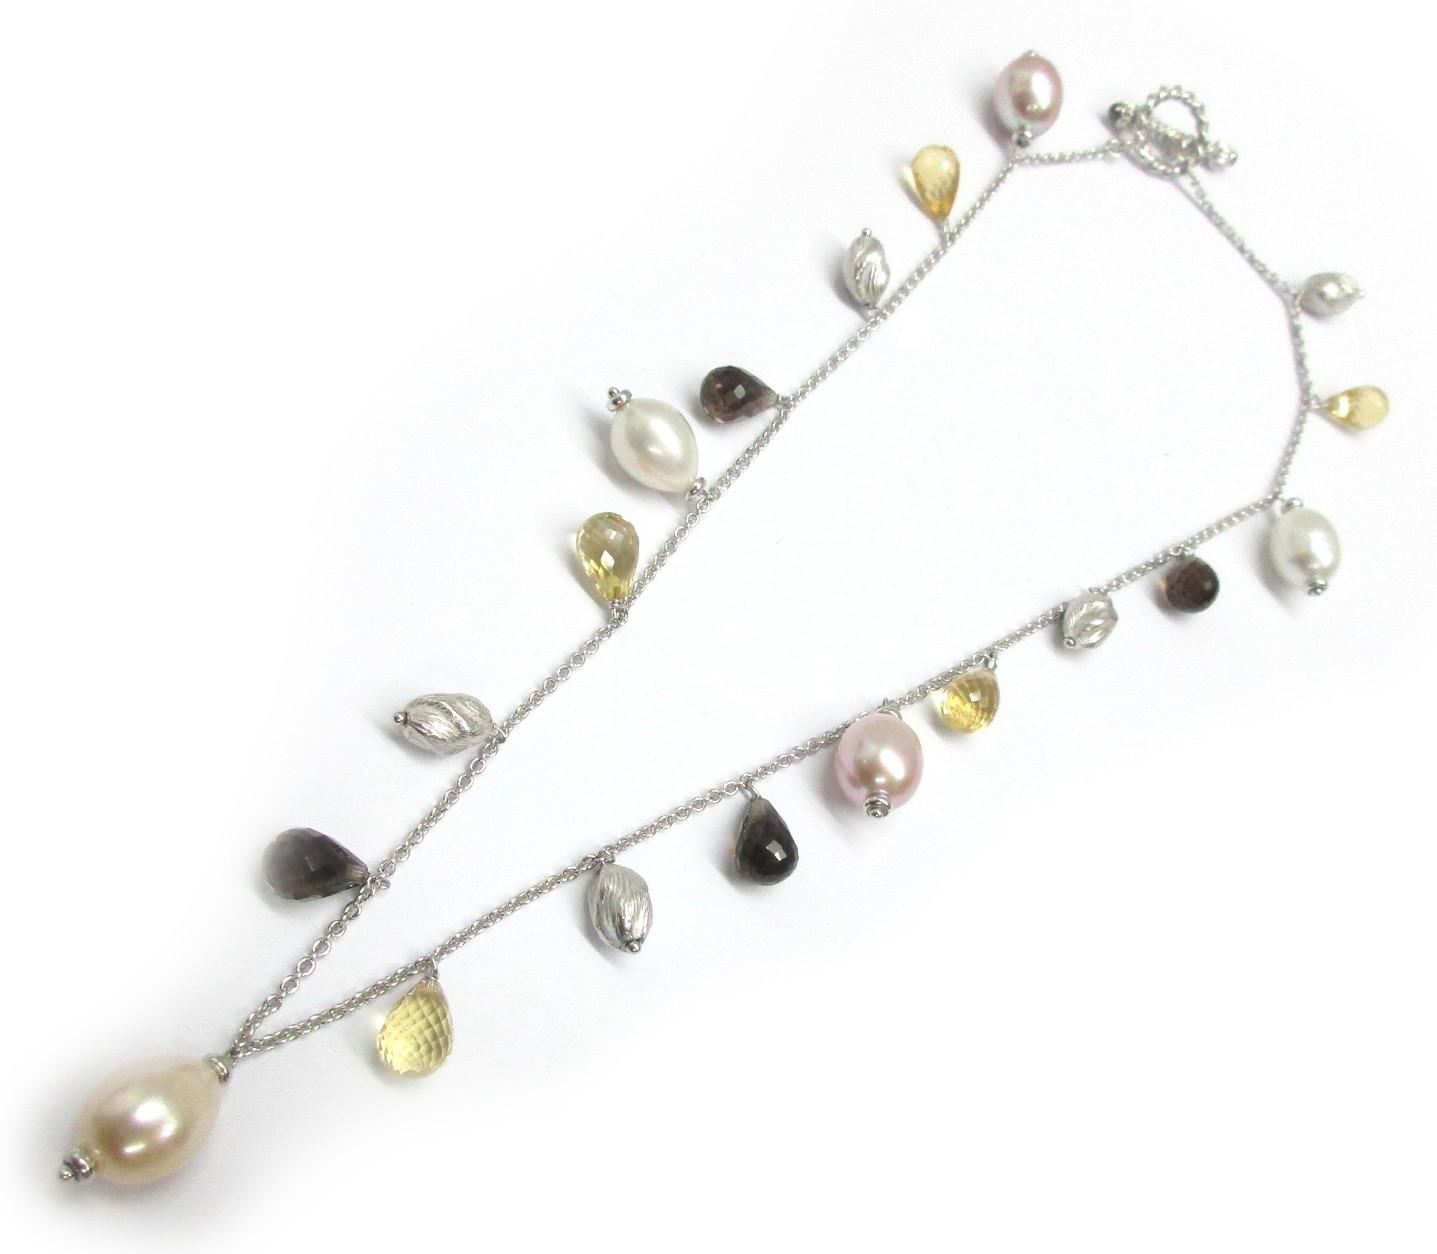 Roberto coin Women's .925 Silver Necklace